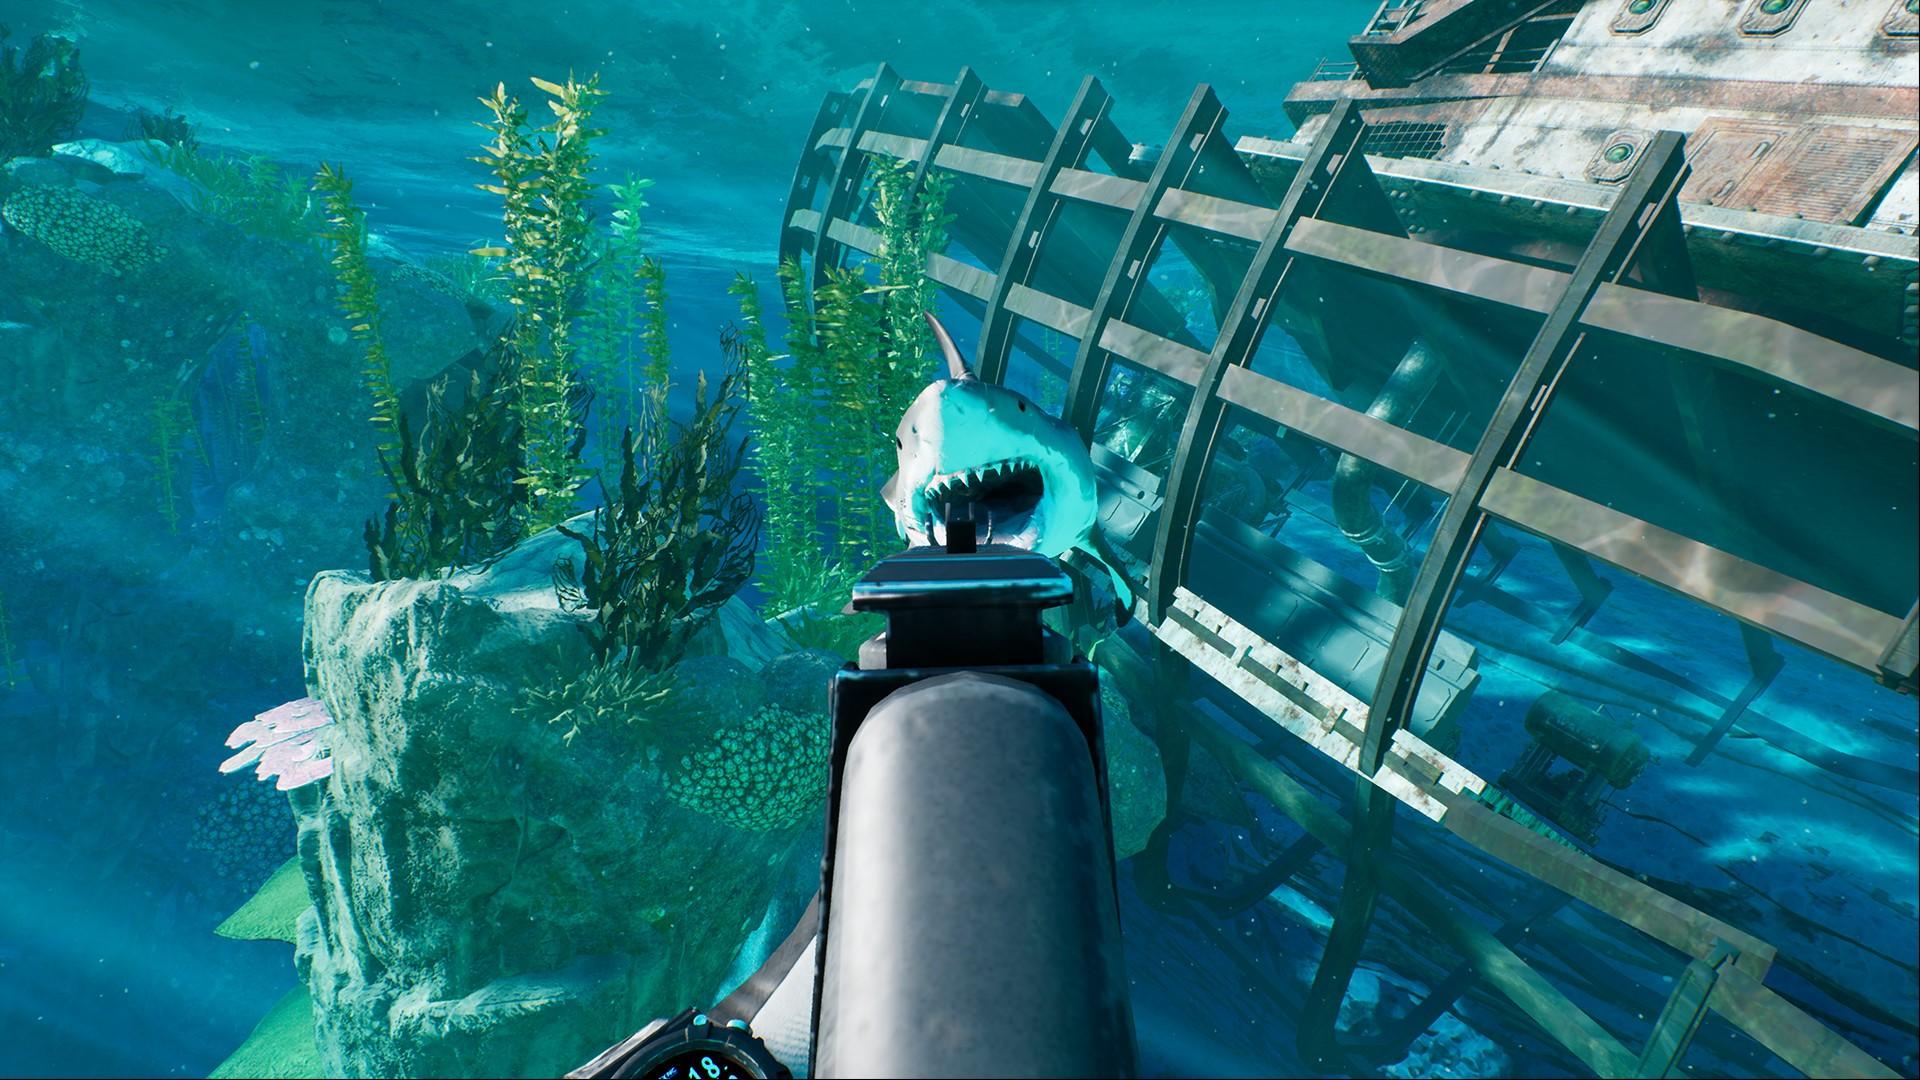 在这款游戏里,《深海惊魂》的老玩家实际上有一些优势,游戏里的武器